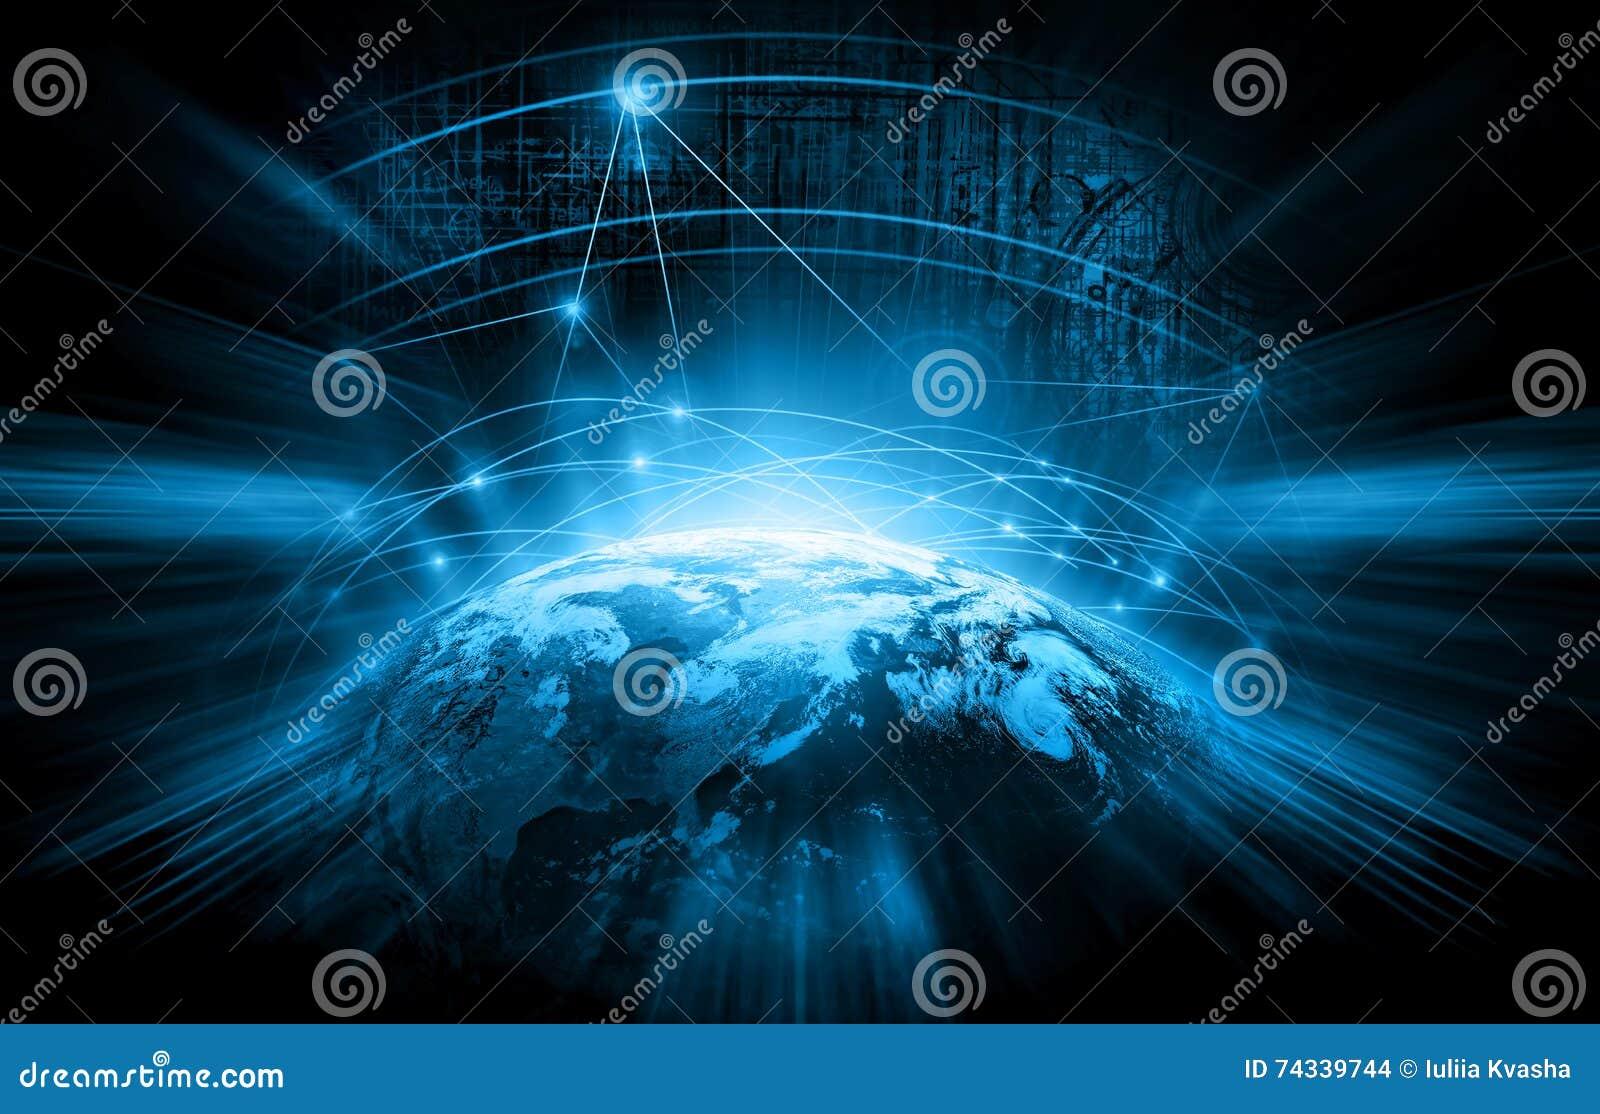 Het beste Concept van Internet globale zaken technologische achtergrond Stralensymbolen WiFi, van Internet, televisie